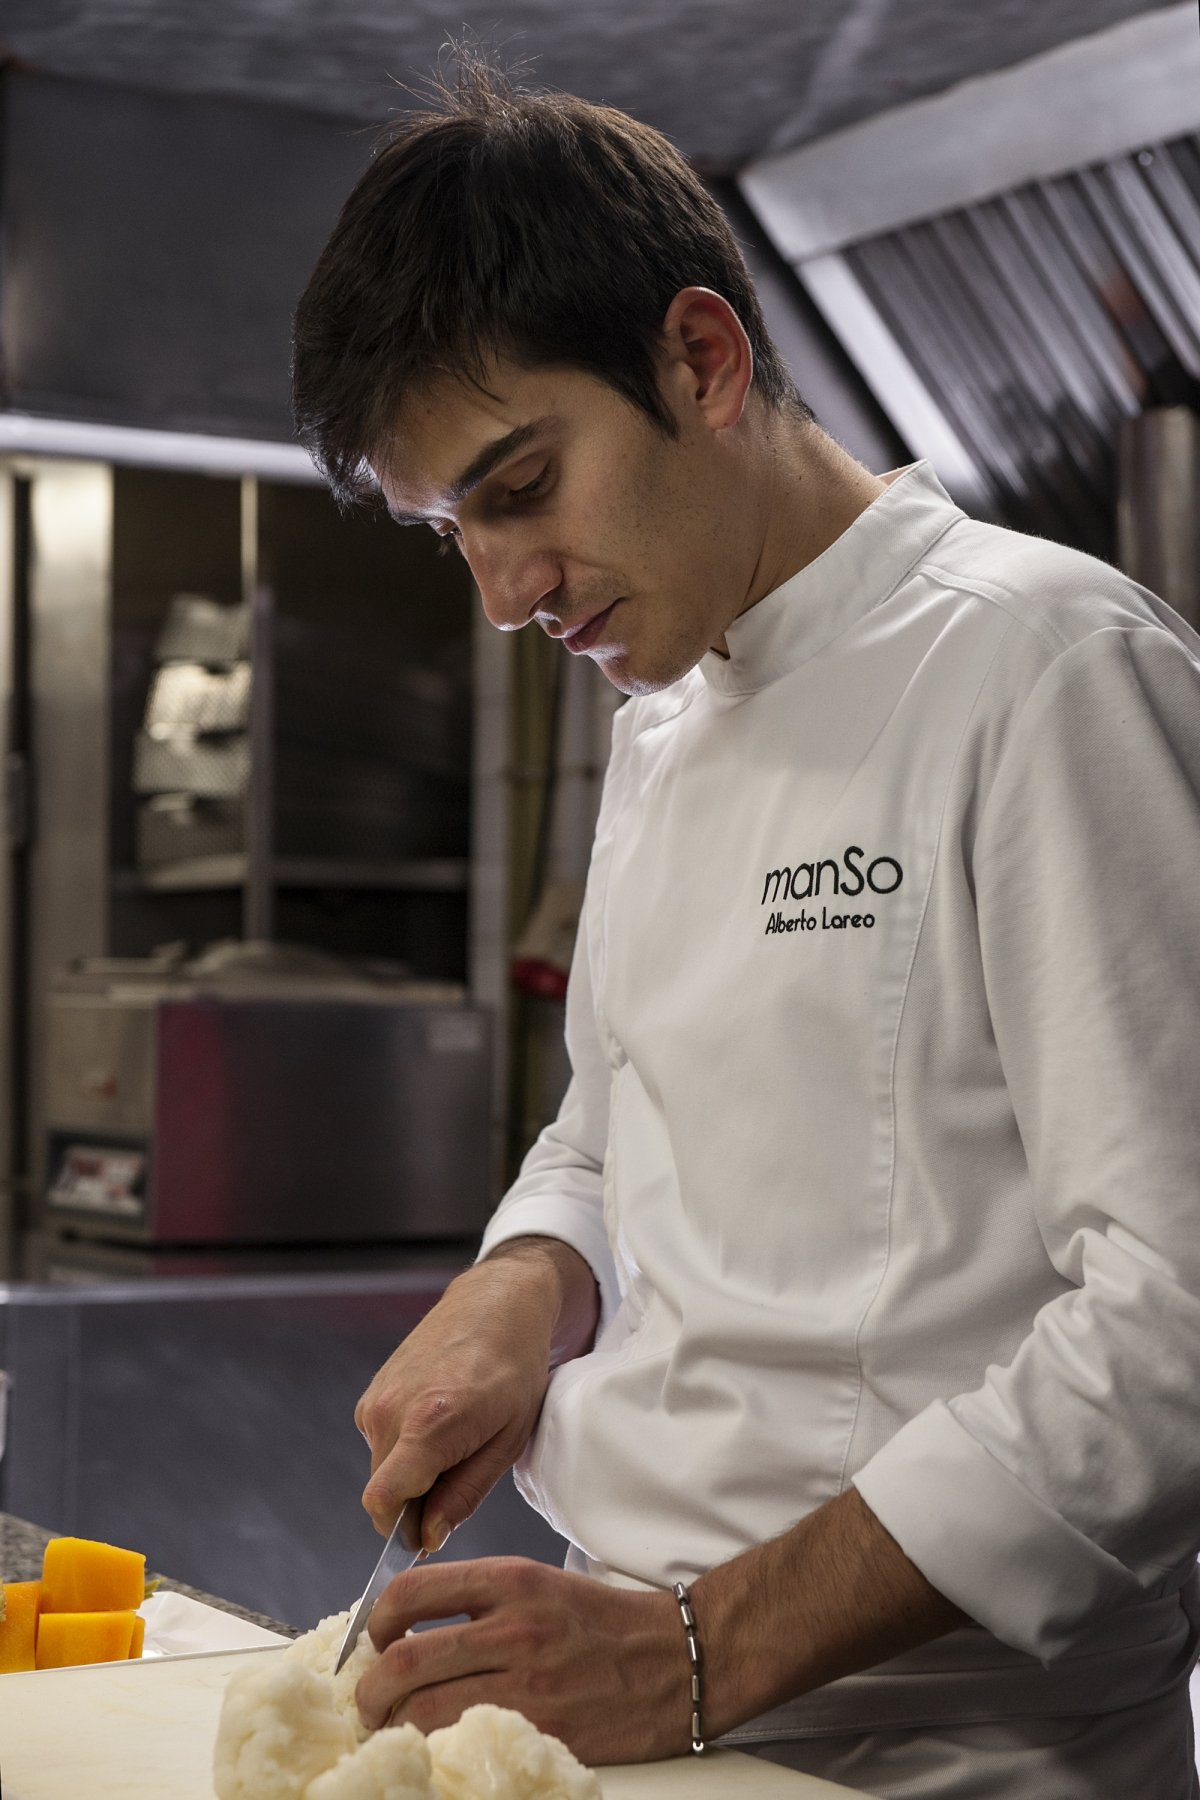 Alberto Lareo trabajando en la cocina de Manso